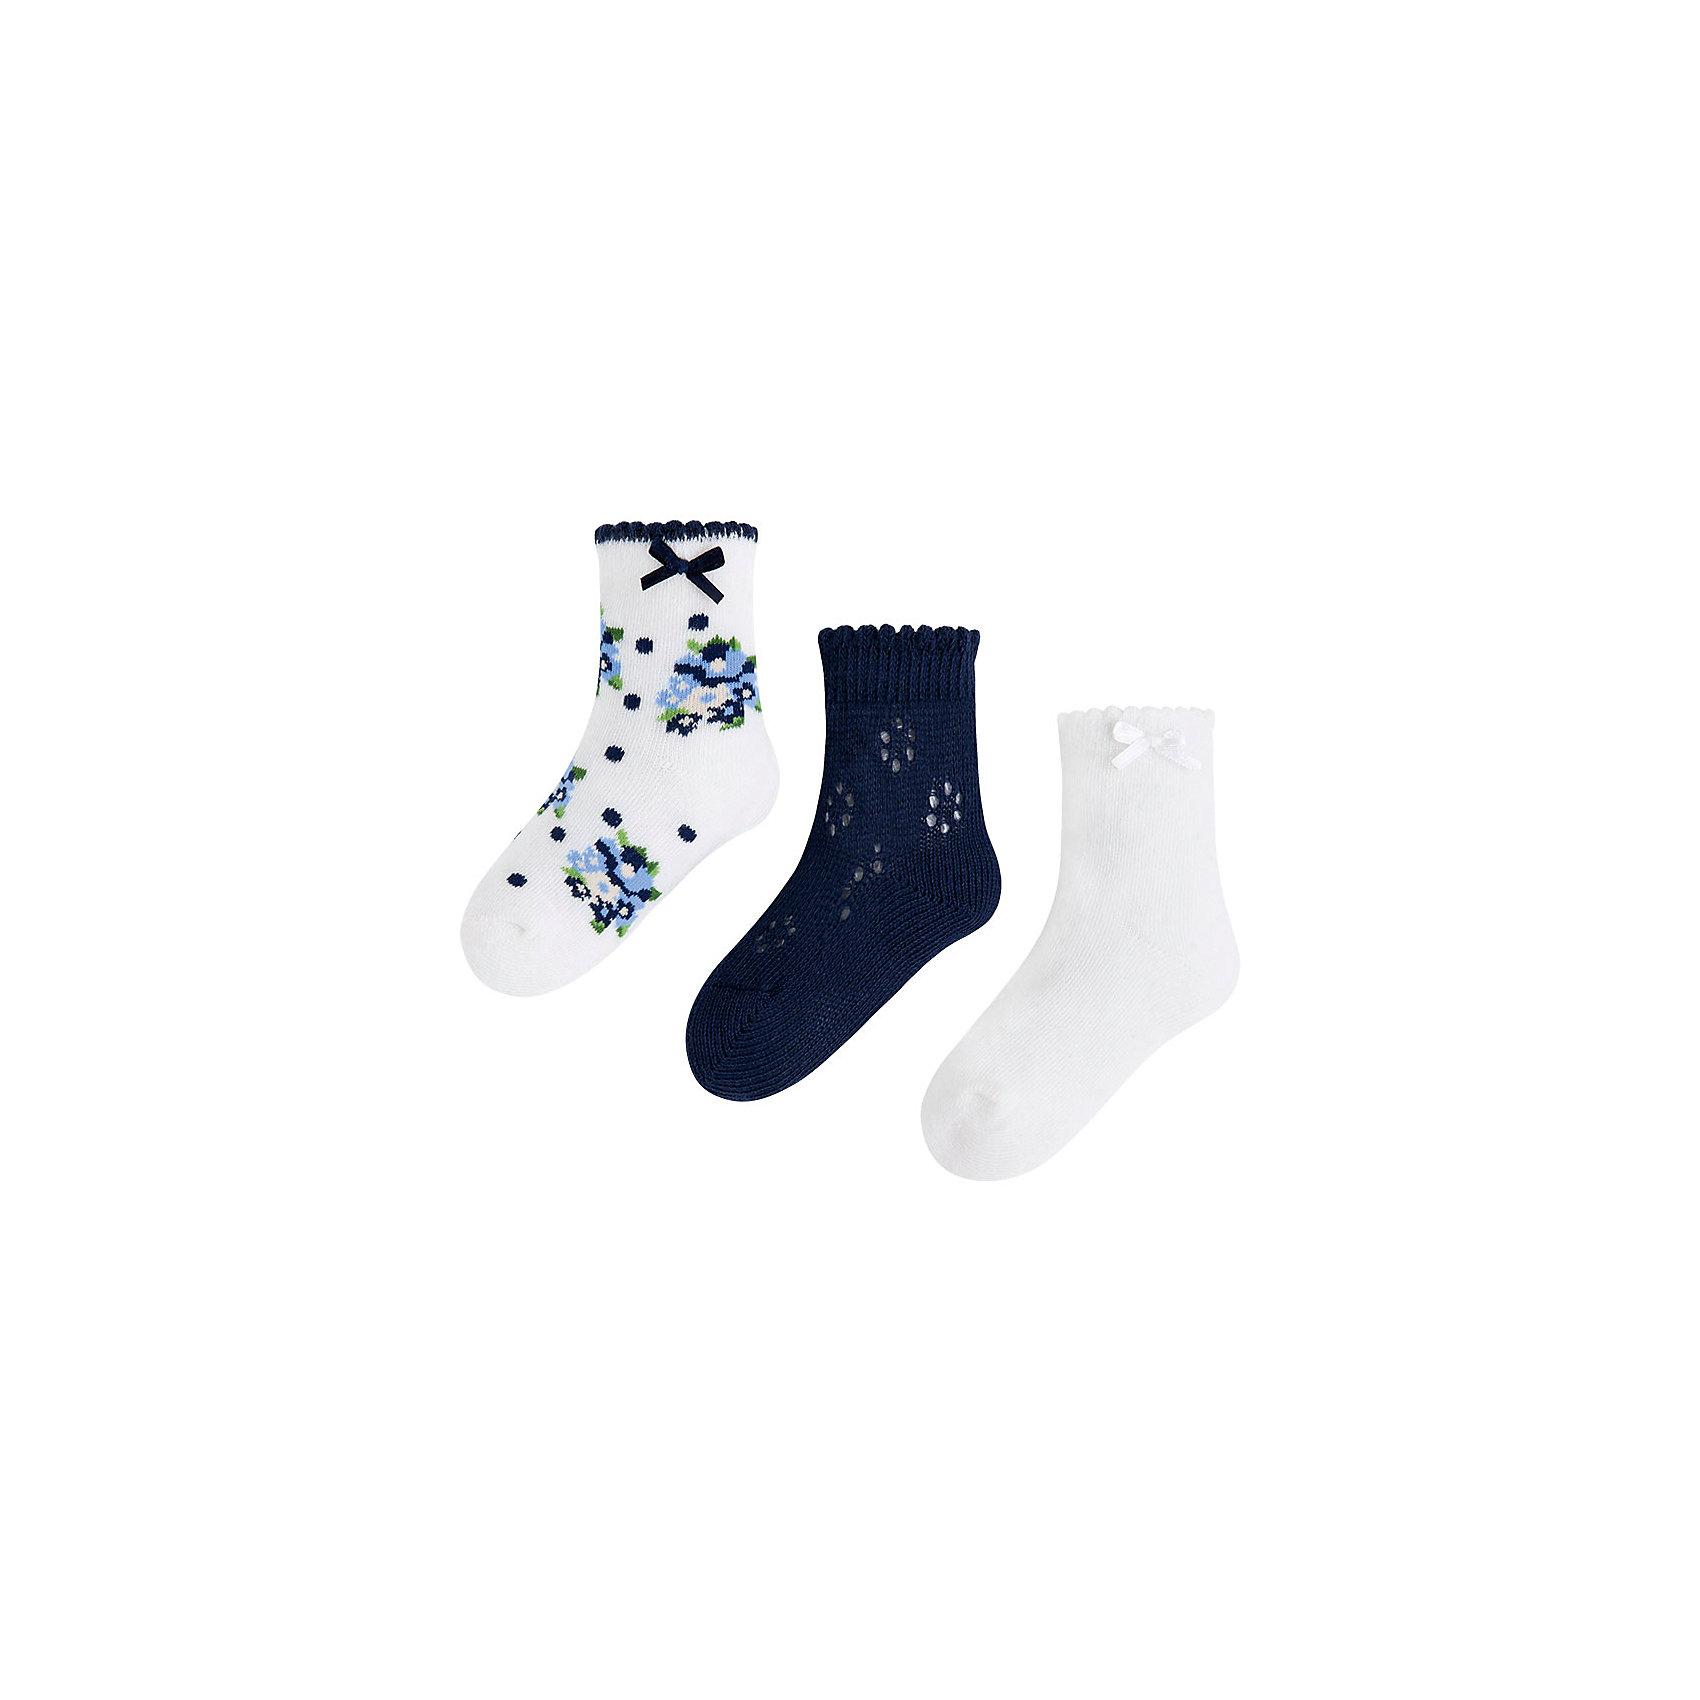 Носки для девочки, 3 пары MayoralНоски для девочки, 3 пары, от испанской марки Mayoral выполнены из мягкого трикотажного материала, хорошо облегают ногу.<br><br>Дополнительная информация:<br><br>- Мягкая трикотажная ткань.<br>- 3 дизайна, декорированные атласными бантиками:<br>- однотонные белые; <br>- с цветочным принтом;<br>- розовые с вязаным декором. <br>- Состав: 72% хлопок, 25% полиамид, 3% эластан.<br><br>Носки, 3 пары, для девочки Mayoral (Майорал) можно купить в нашем магазине.<br><br>Ширина мм: 162<br>Глубина мм: 171<br>Высота мм: 55<br>Вес г: 119<br>Цвет: синий<br>Возраст от месяцев: 18<br>Возраст до месяцев: 24<br>Пол: Женский<br>Возраст: Детский<br>Размер: 2,8,4,6<br>SKU: 4563631